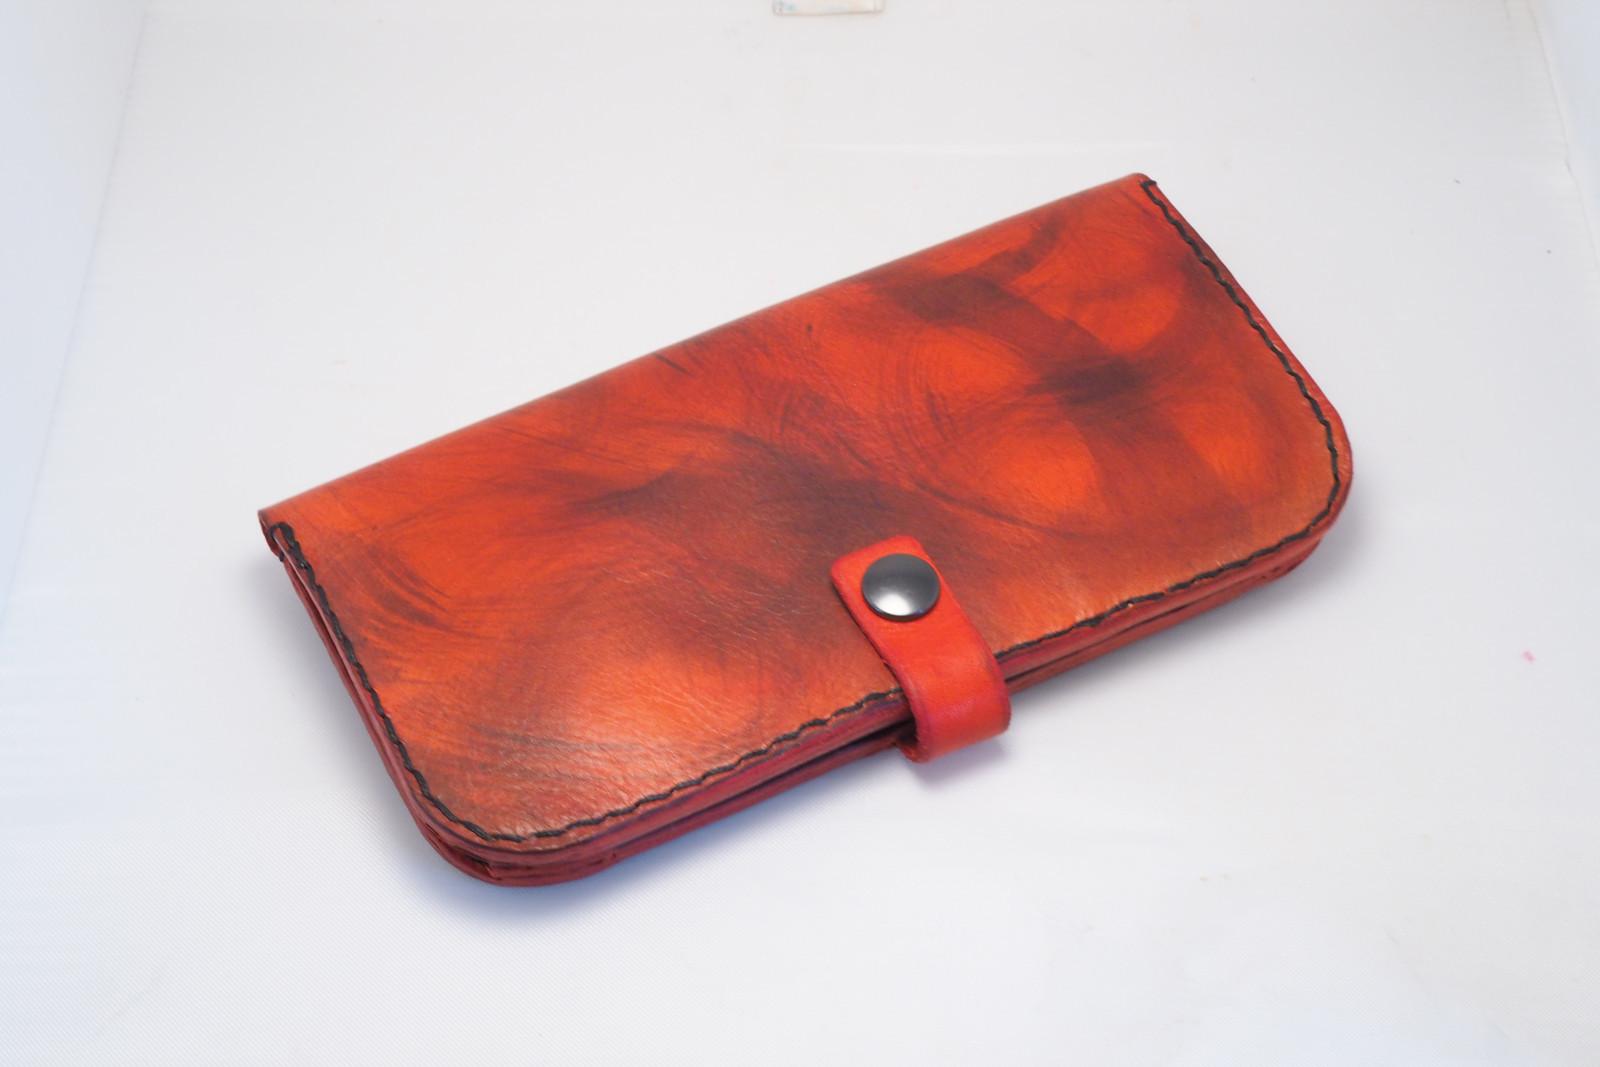 Dámská kožená peněženka - červená   Zboží prodejce MontMat  f5d27eaf14